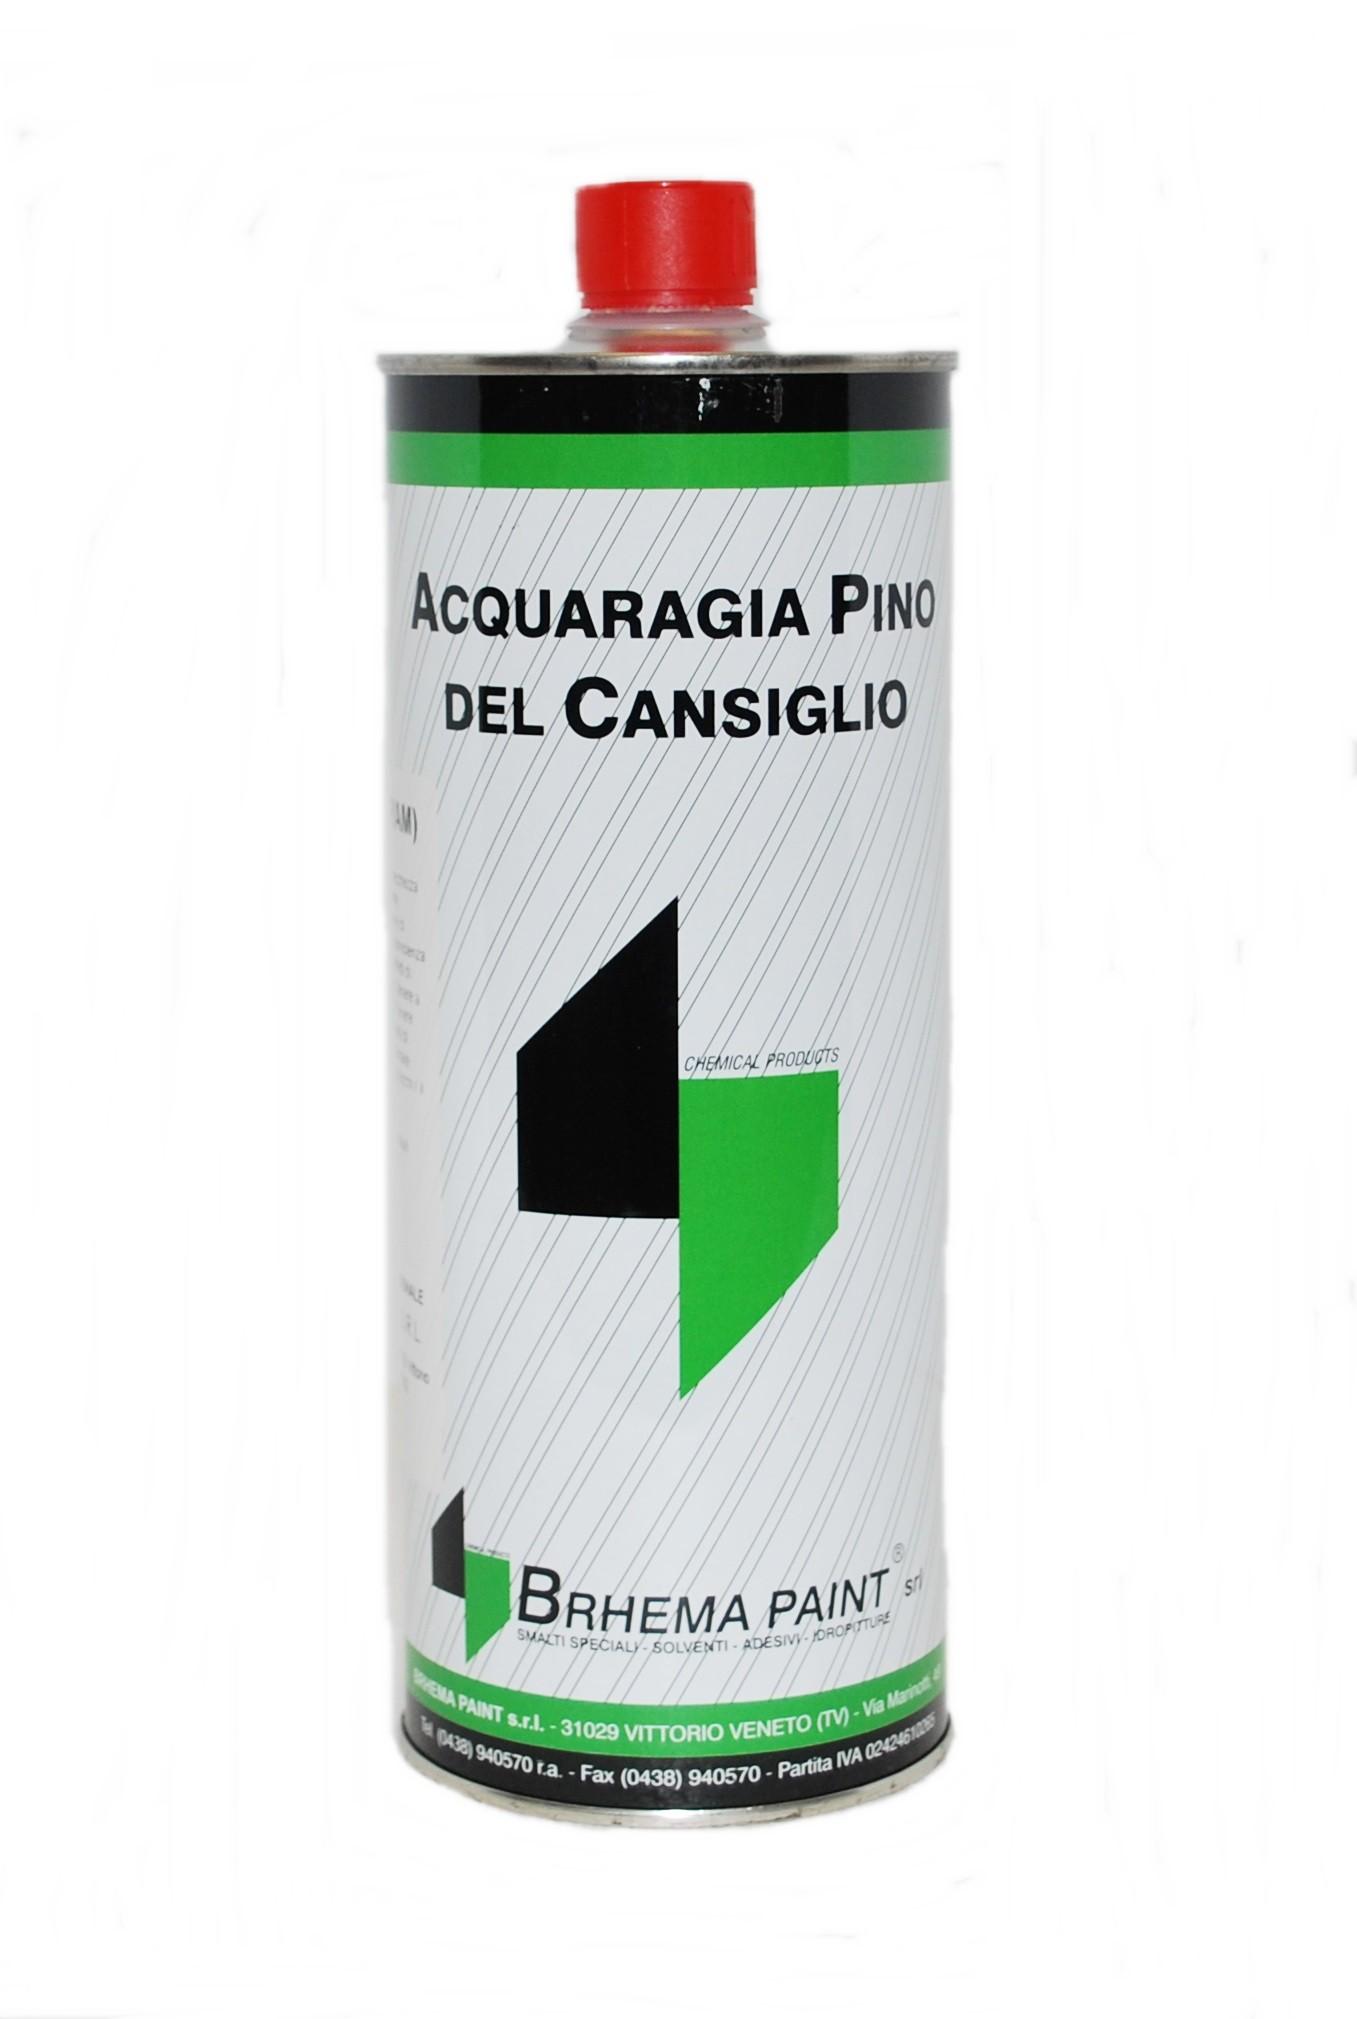 PINO DEL CANSIGLIO (ACQUARAGIA) LT.1/5/25